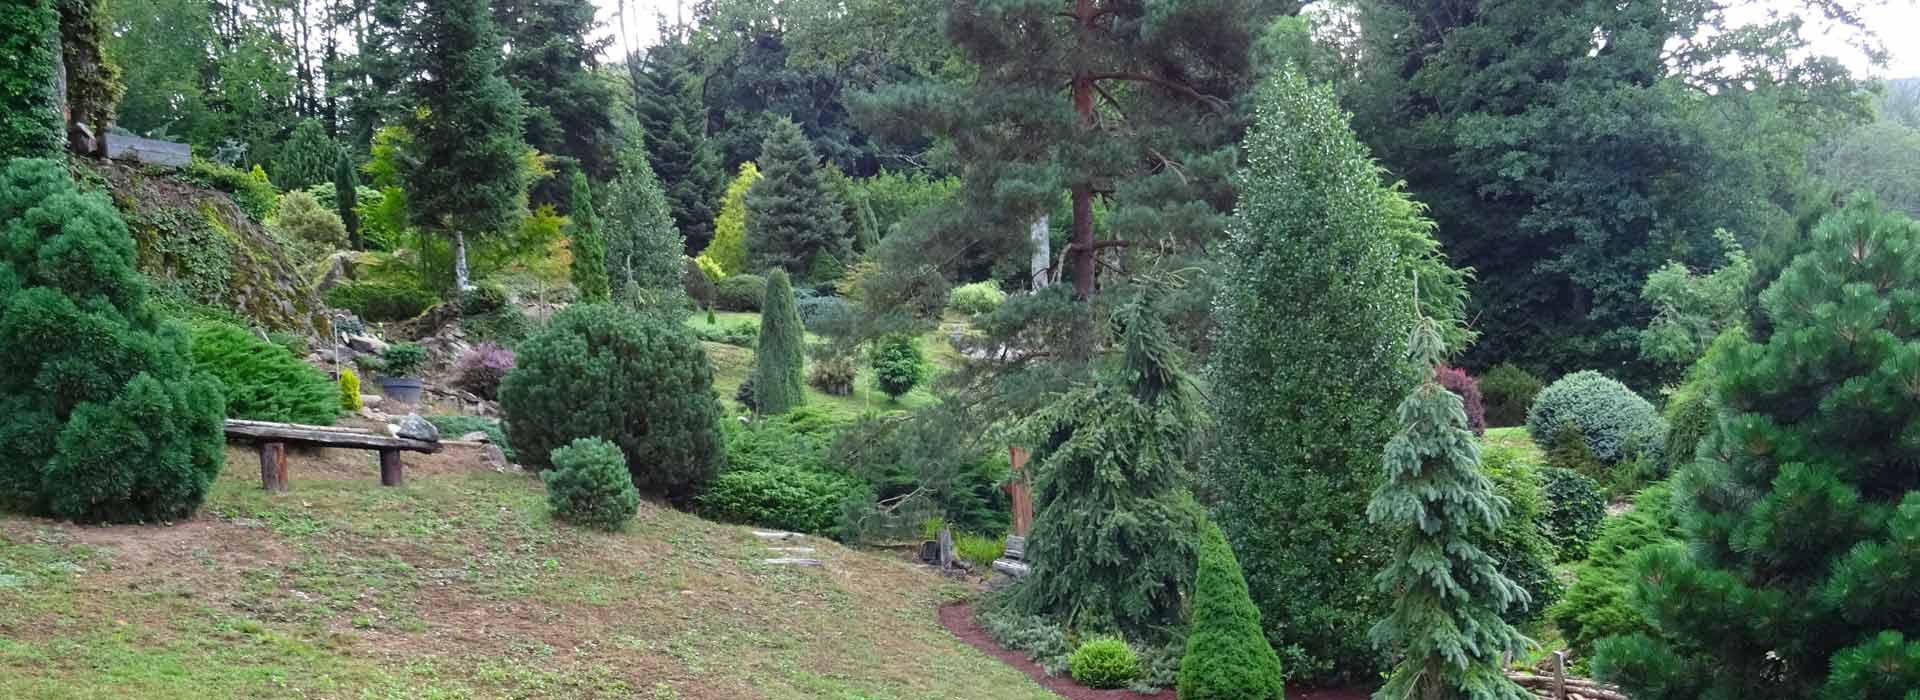 Le Jardin des Baussottes - Vosges